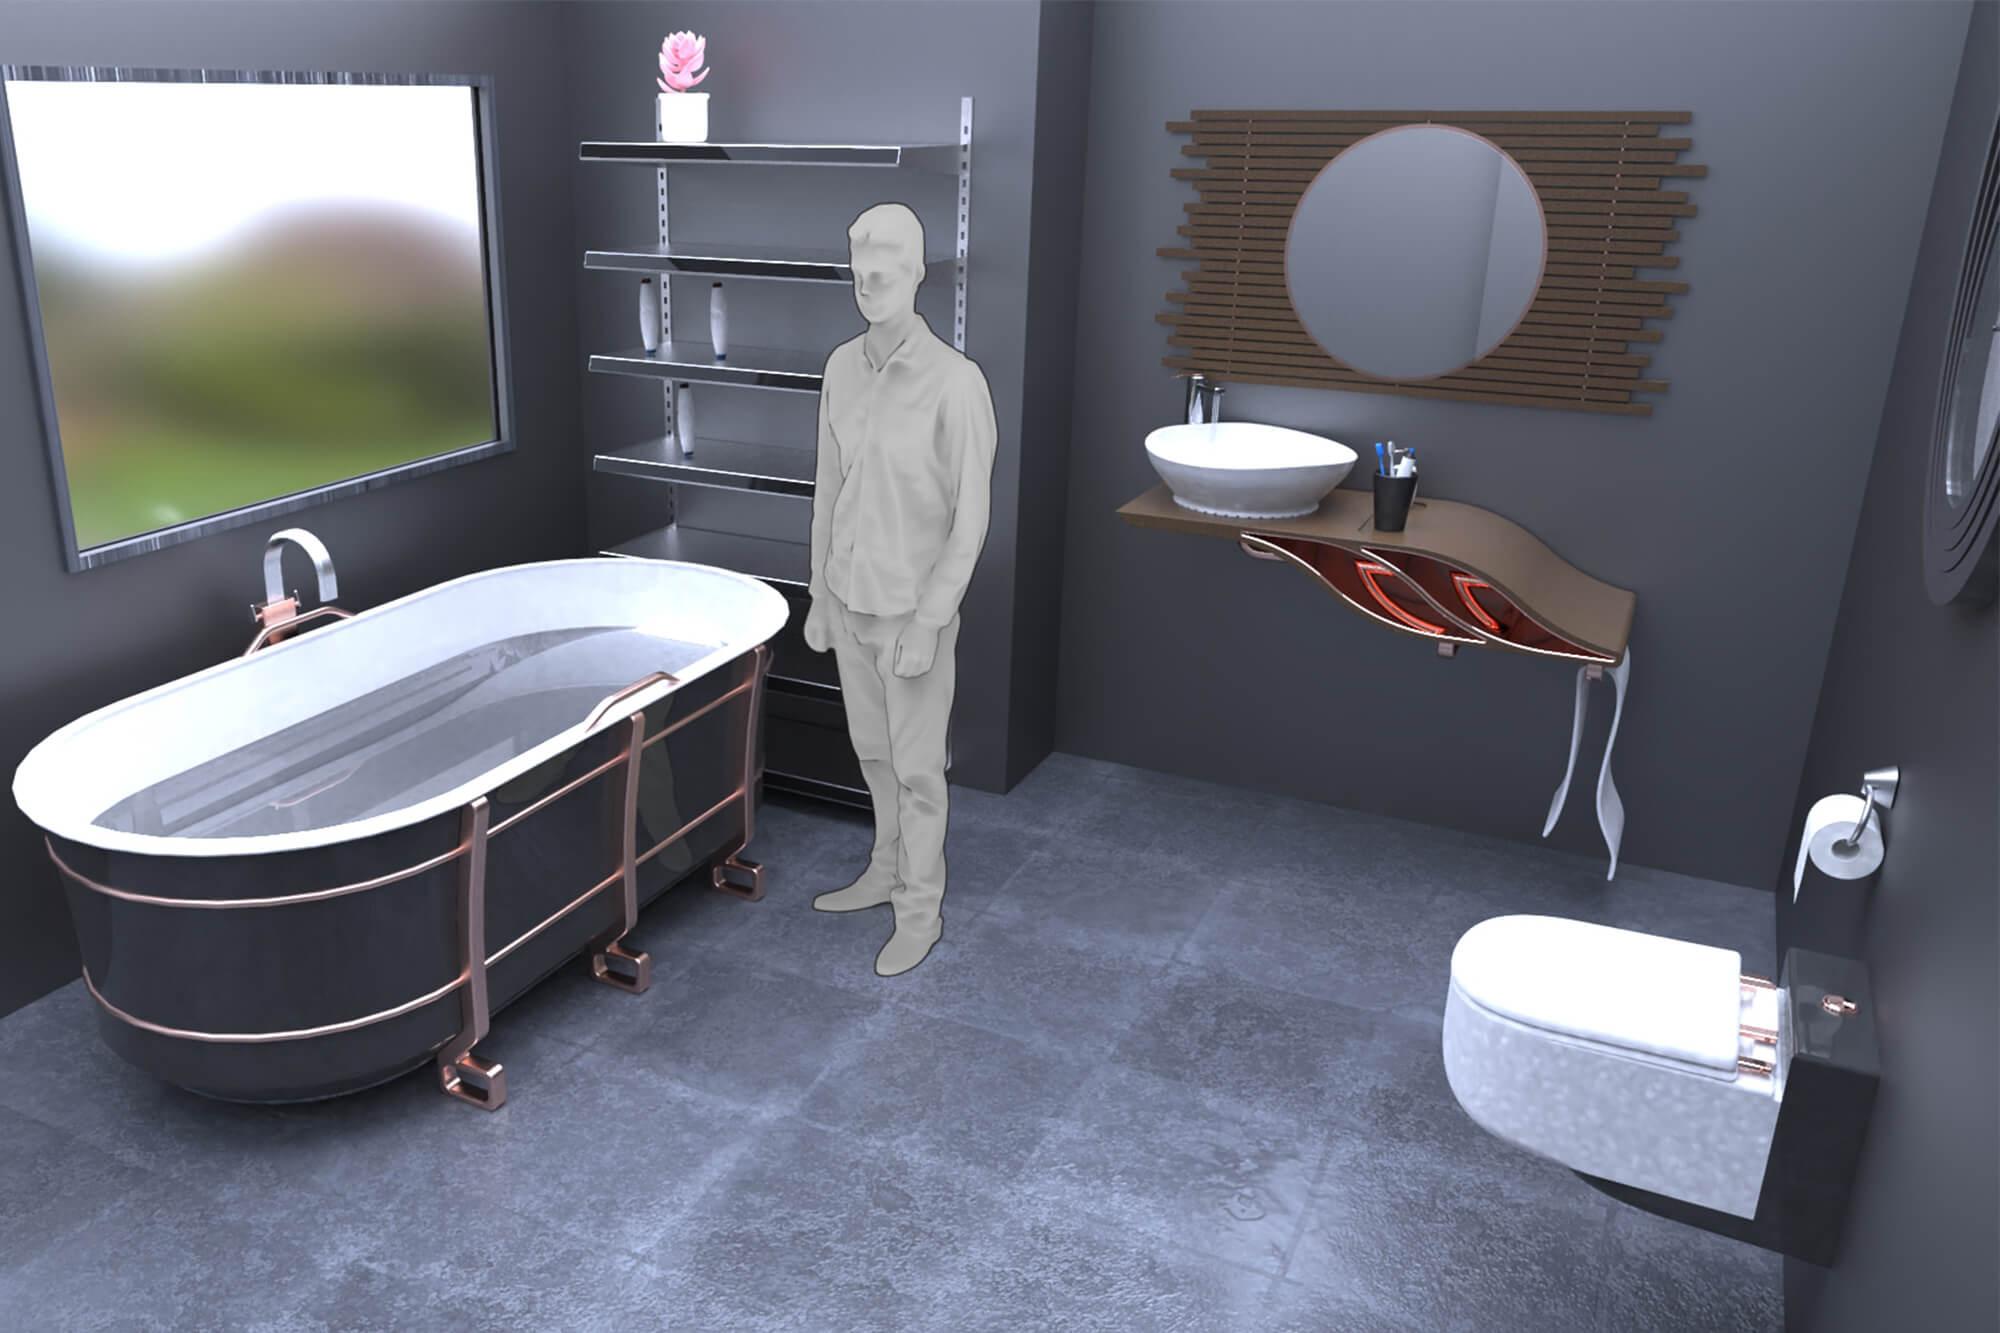 CAD design of a modern bathroom